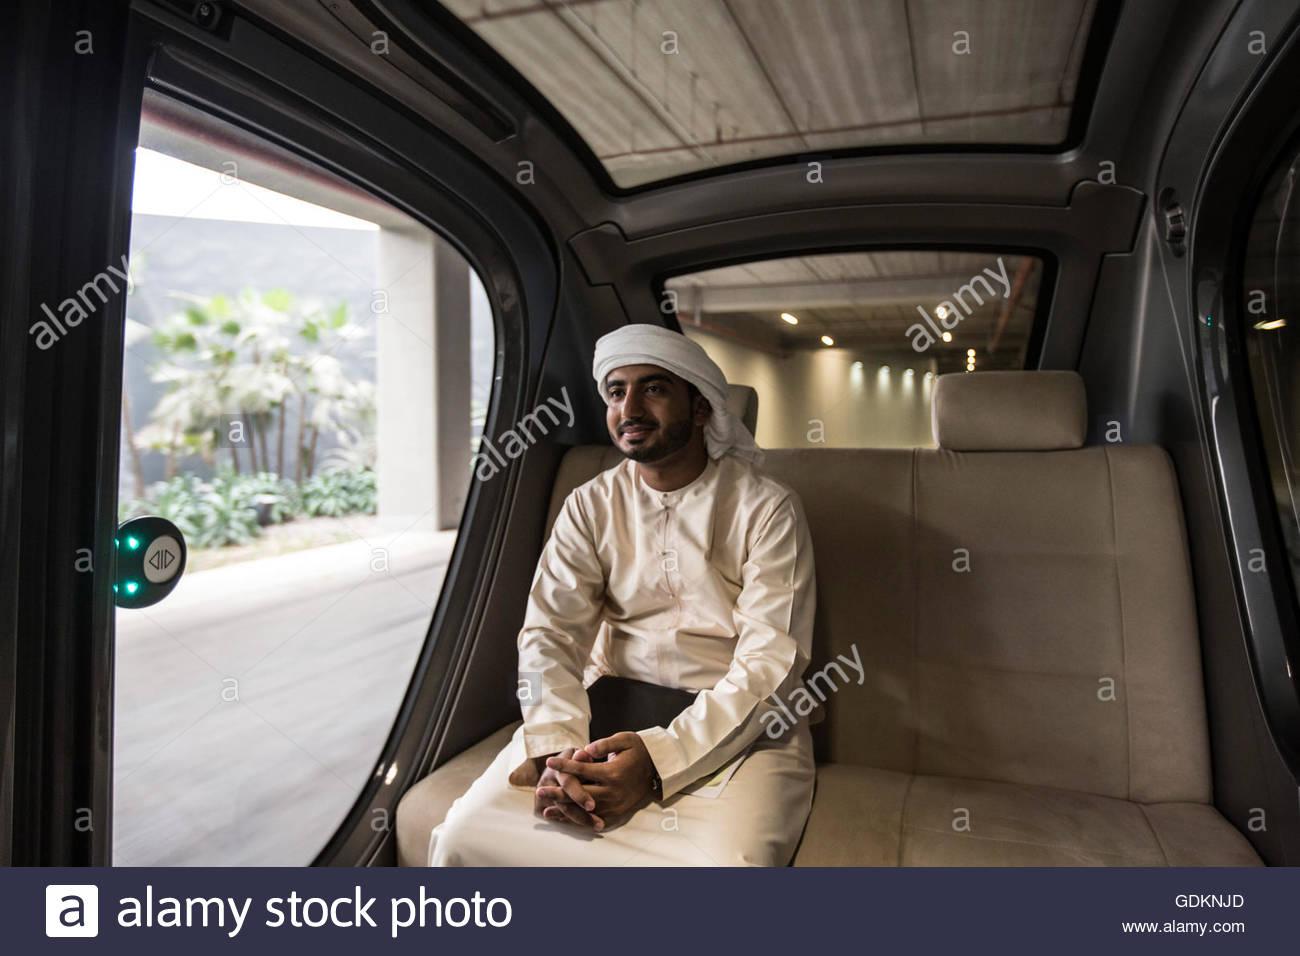 Un studente Emirati arrivando a Masdar Istituto di Scienza e tecnologia che è operativo dal 2010, Abu Dhabi, Immagini Stock